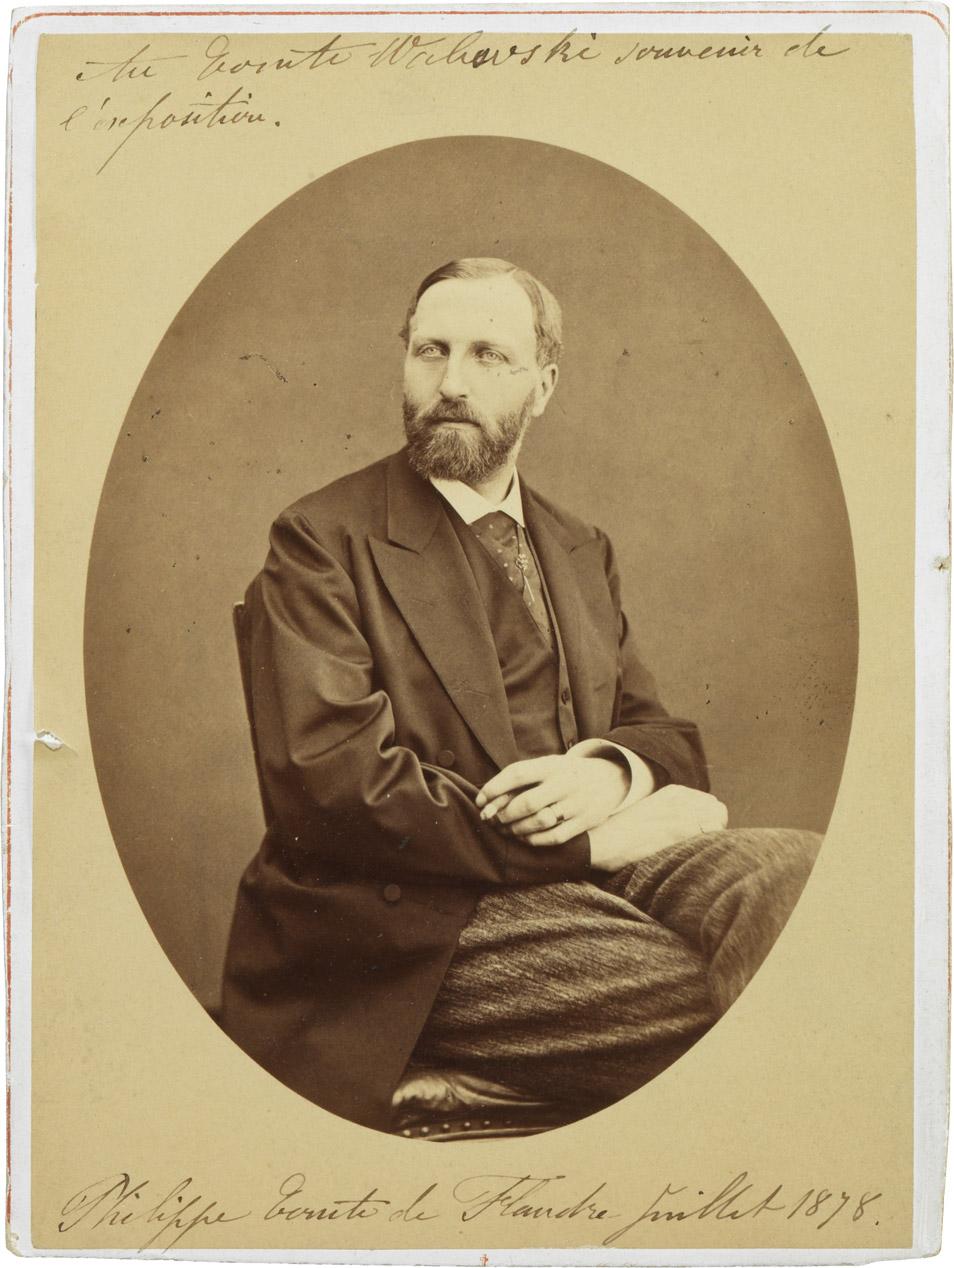 Photographie du comte de Flandre dédicacée au comte Walewski - Patrimoine Charles-André COLONNA WALEWSKI, en ligne directe de Napoléon